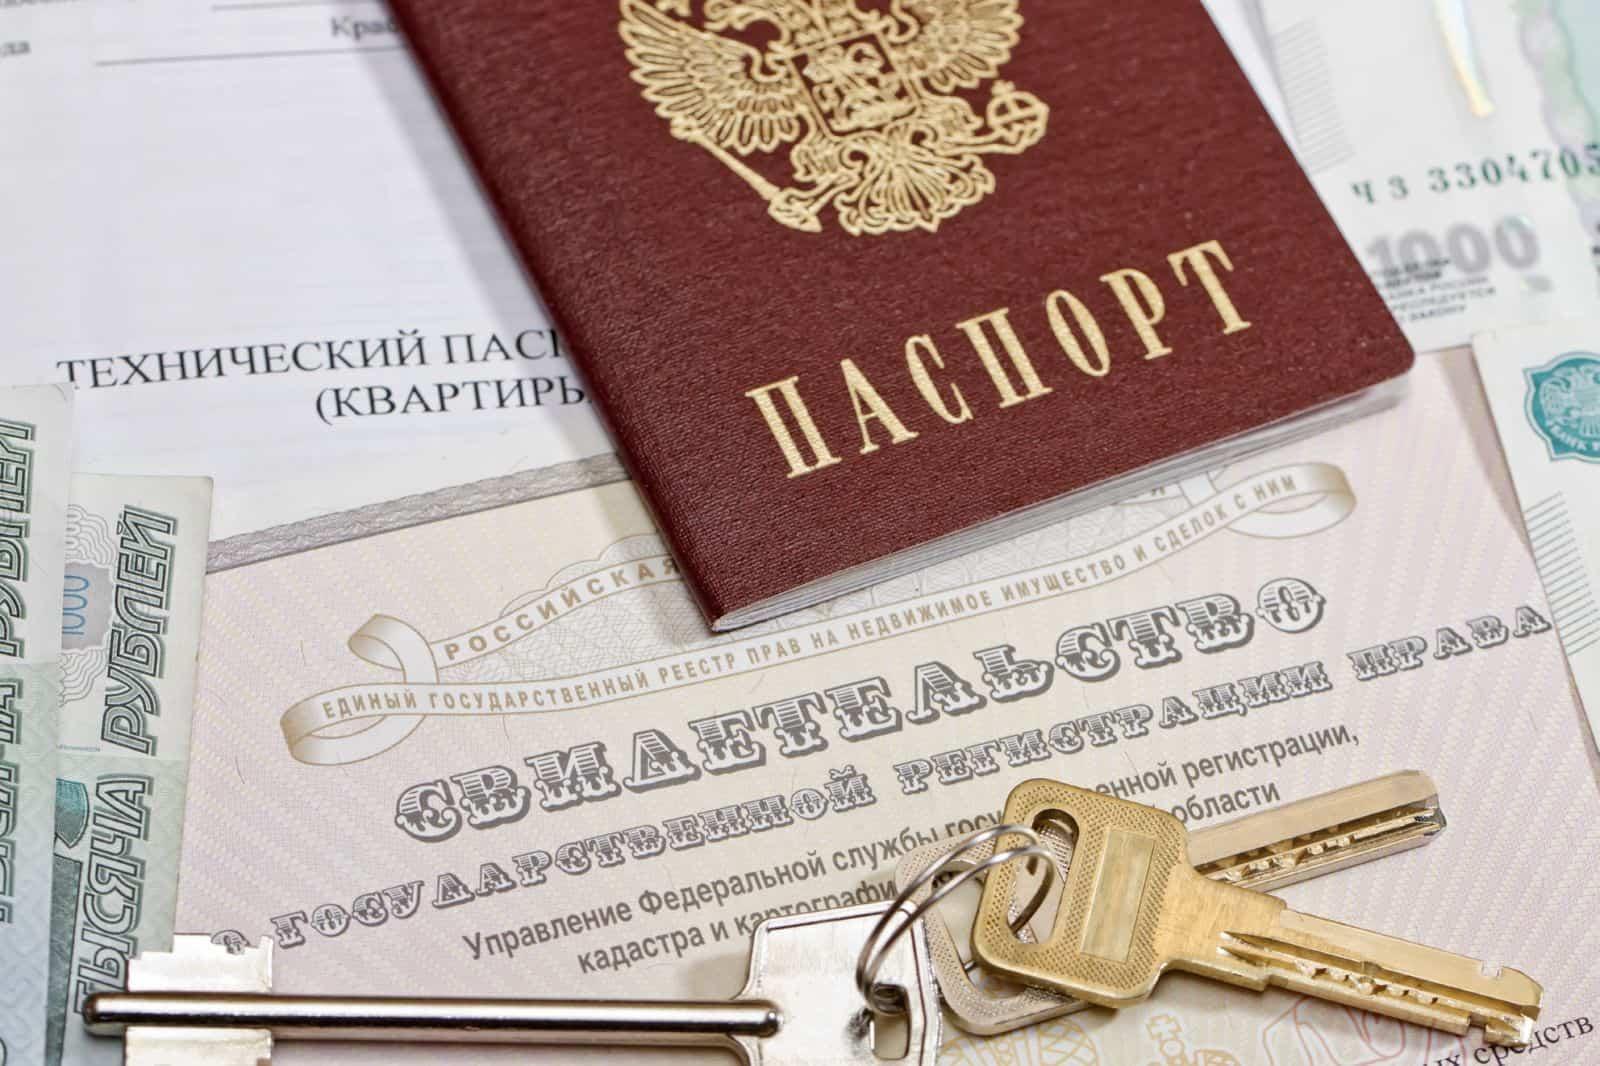 Какие документы удостоверяют право собственности